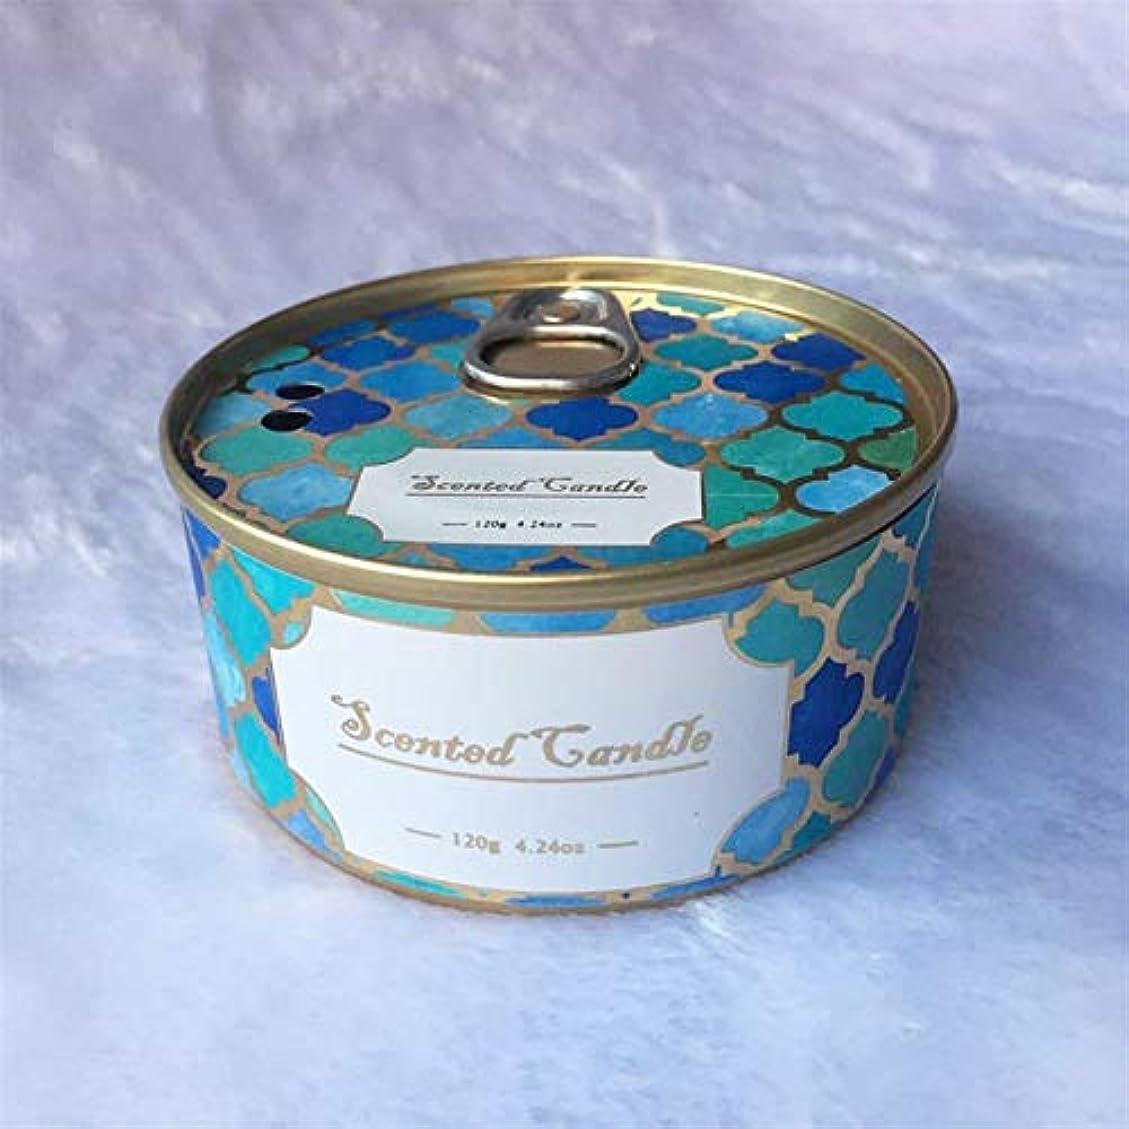 リビングルームデザートあなたのものGuomao ブリキ缶植物エッセンシャルオイルハイエンドギフト大豆ワックスモスオーキッド香りのキャンドル (色 : Moss)